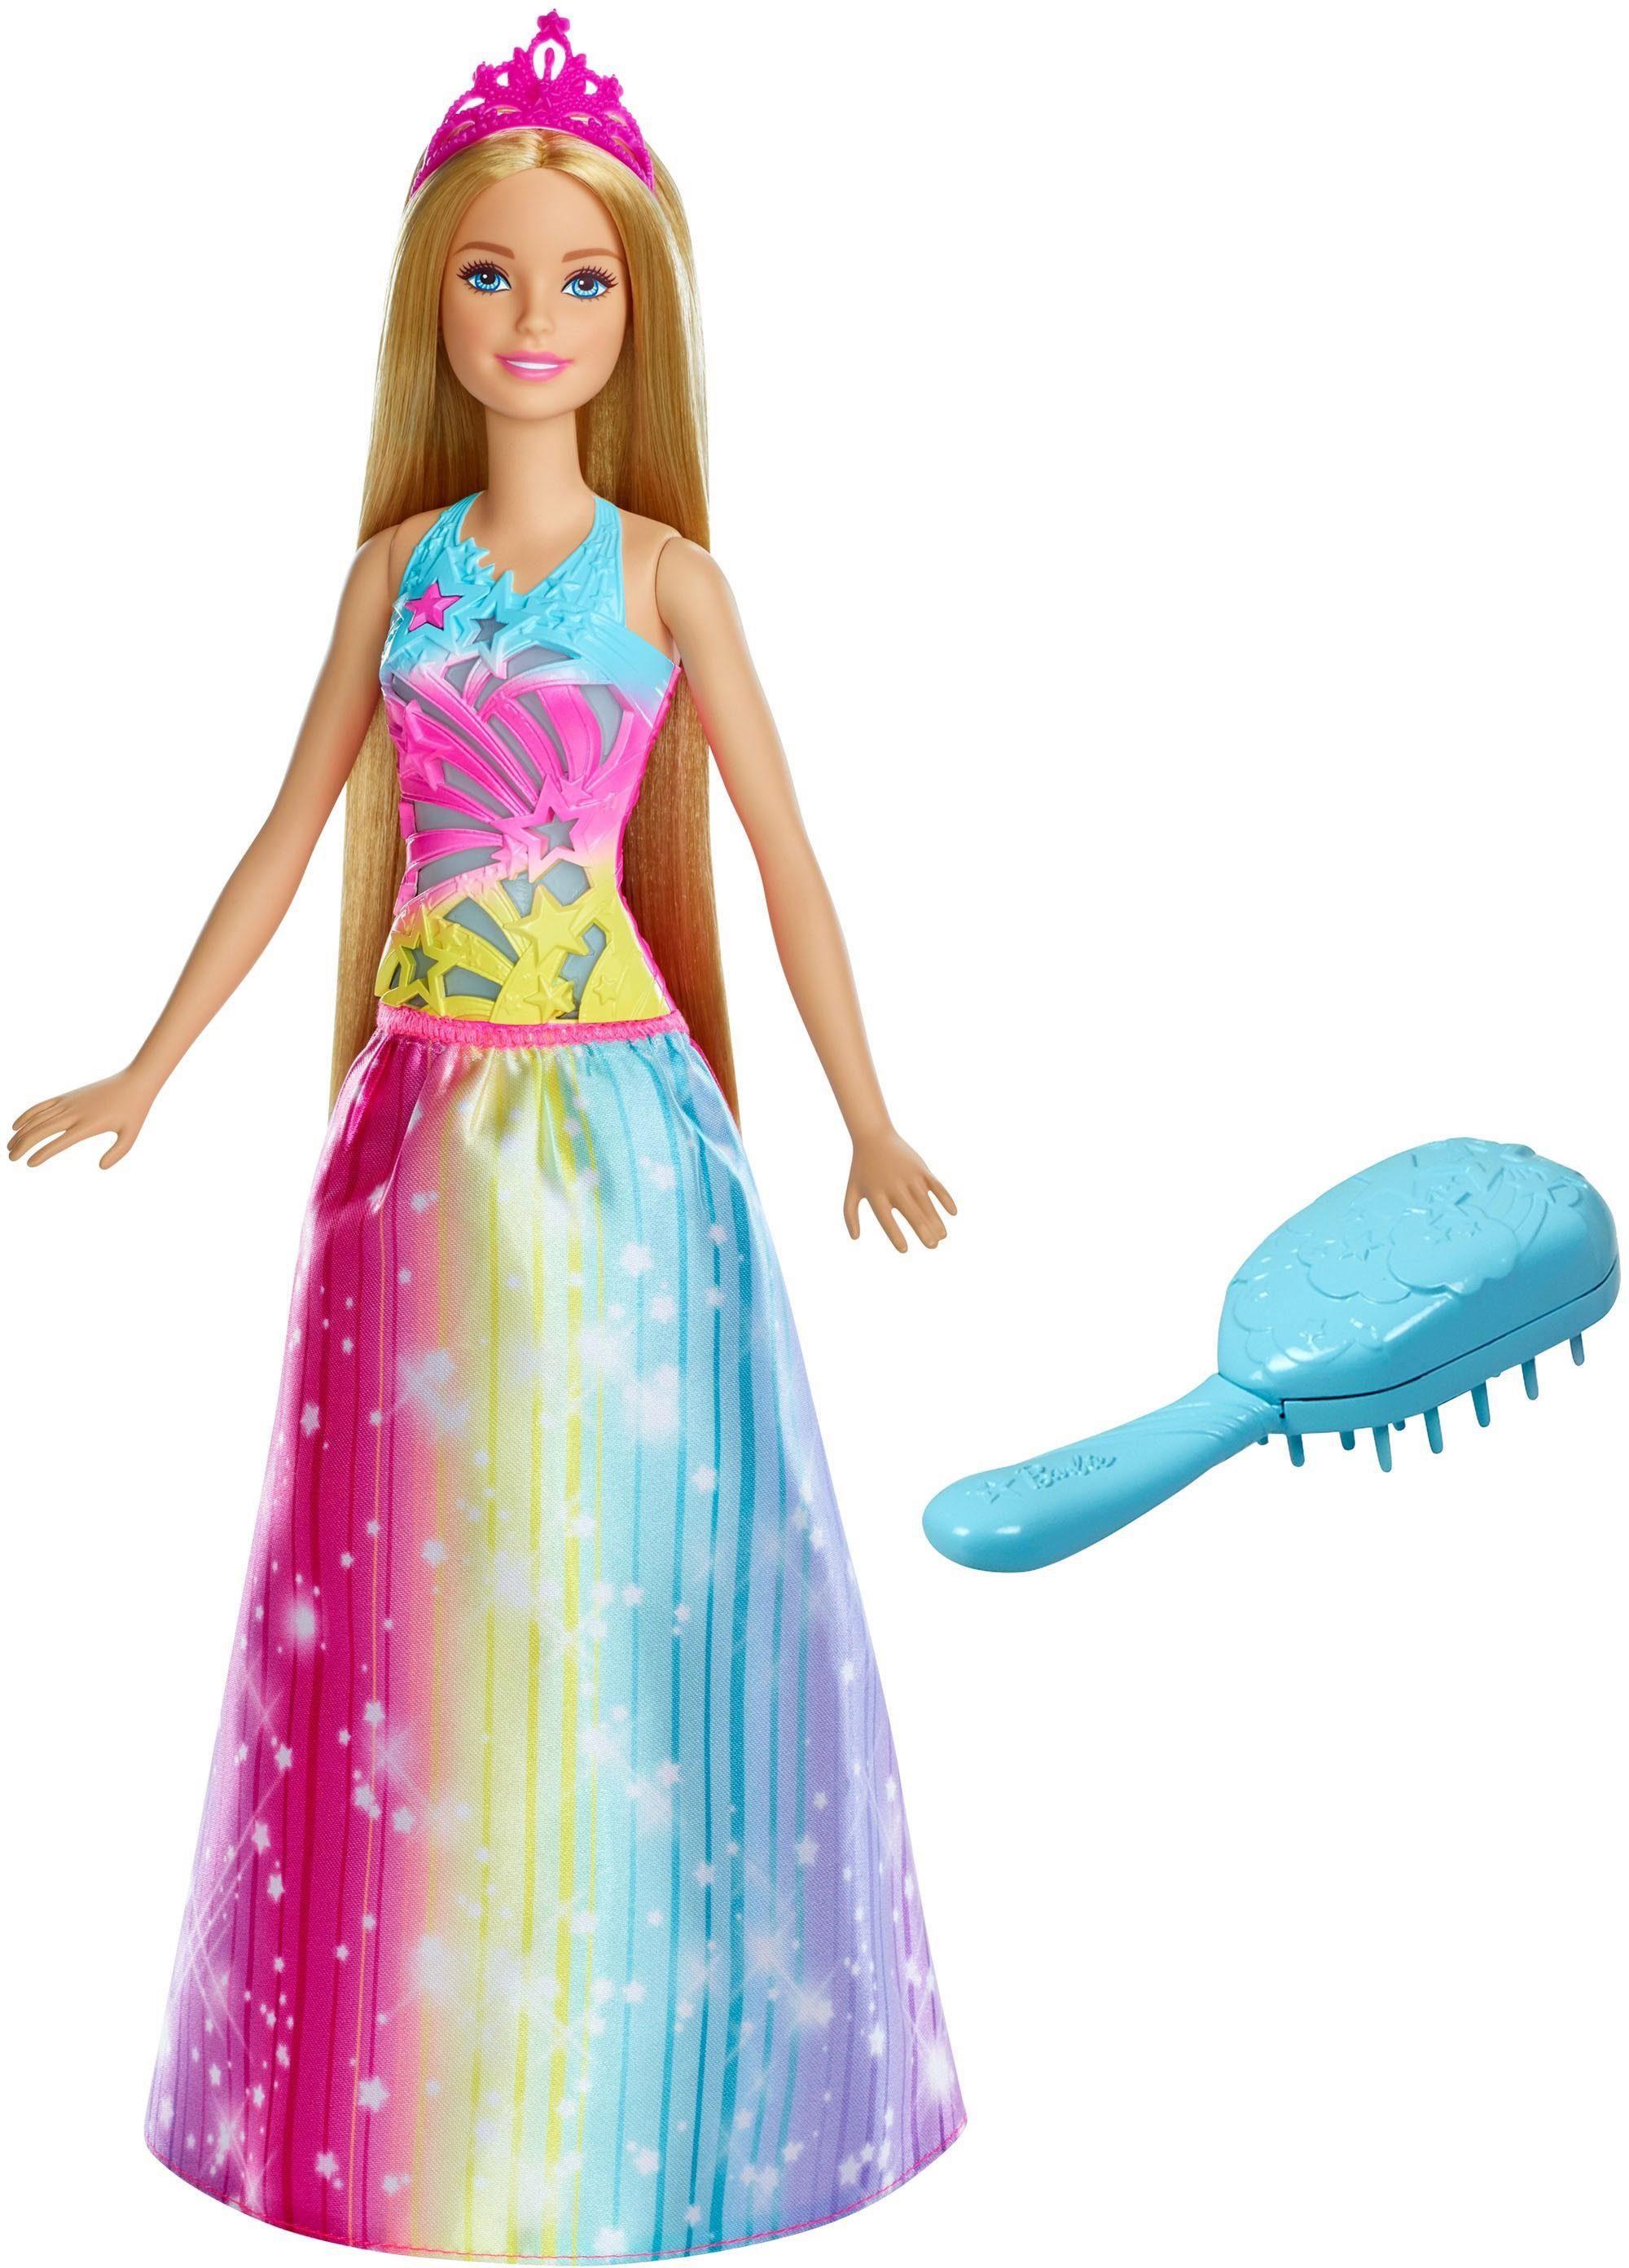 Mattel Puppe, »Barbie Dreamtopia Regenbogen-Königreich Magische Haarspiel-Prinzessin blond«